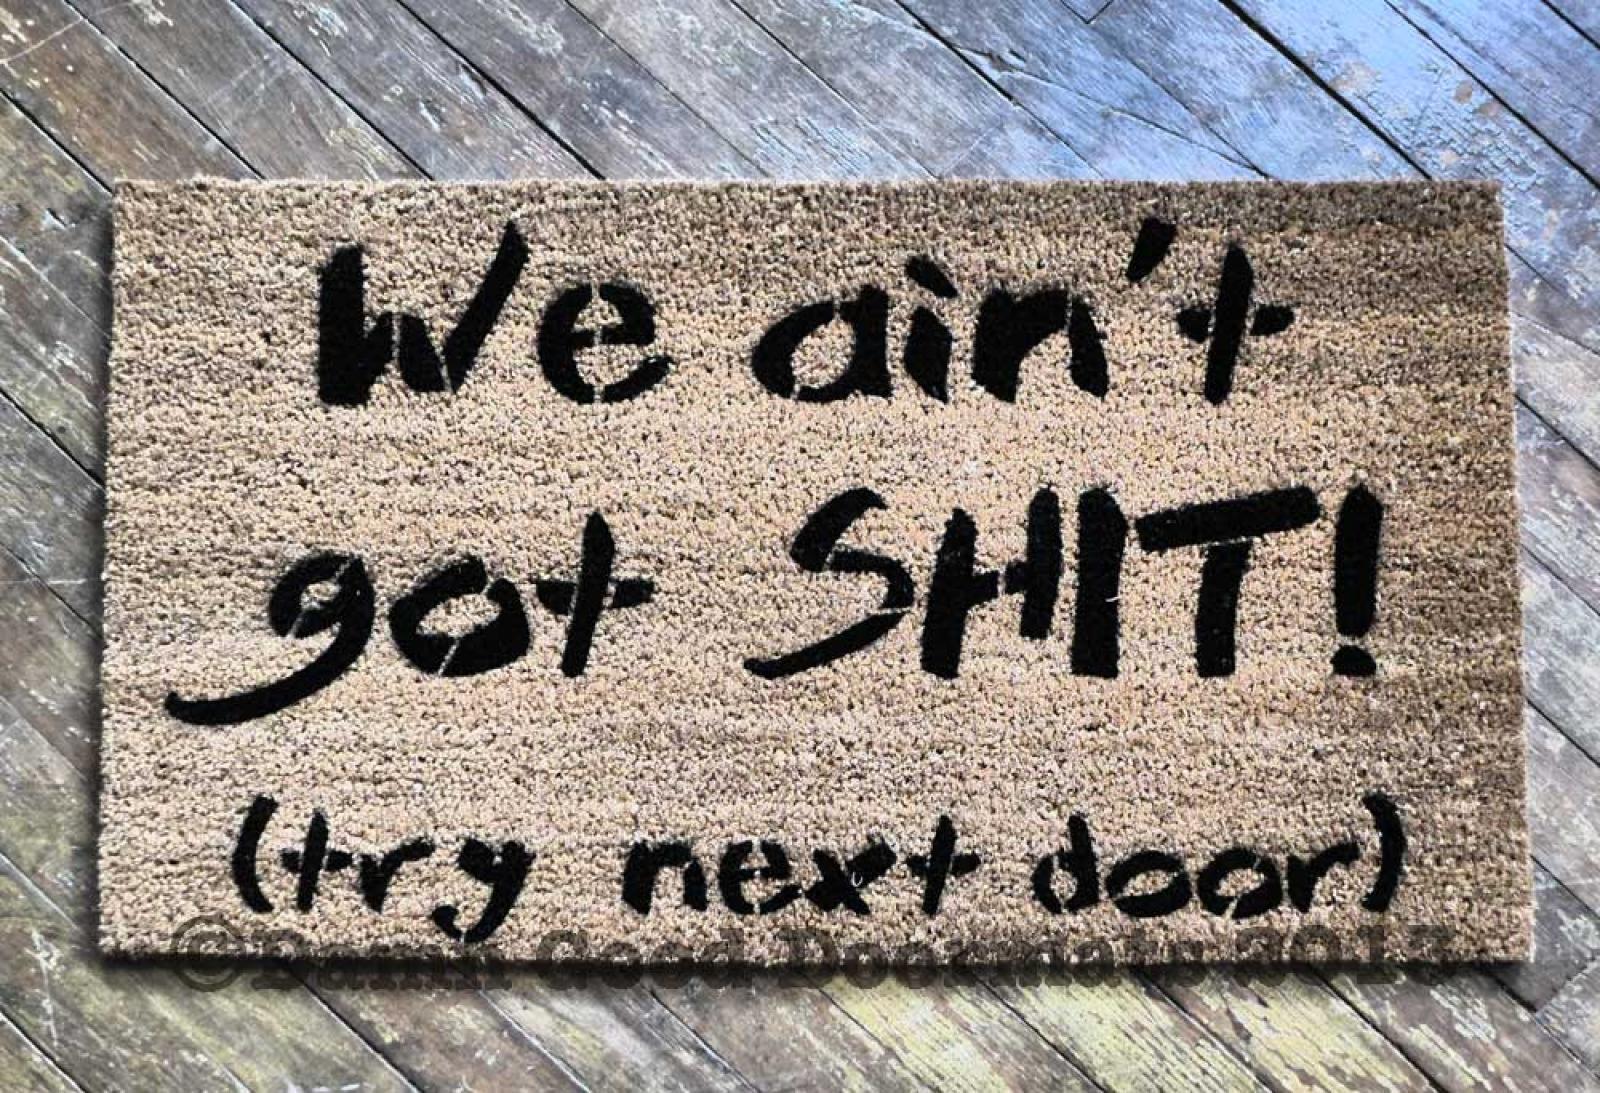 Fo shizzle welcome to my hizzle rude funny doormat damn good doormats - Offensive doormats ...